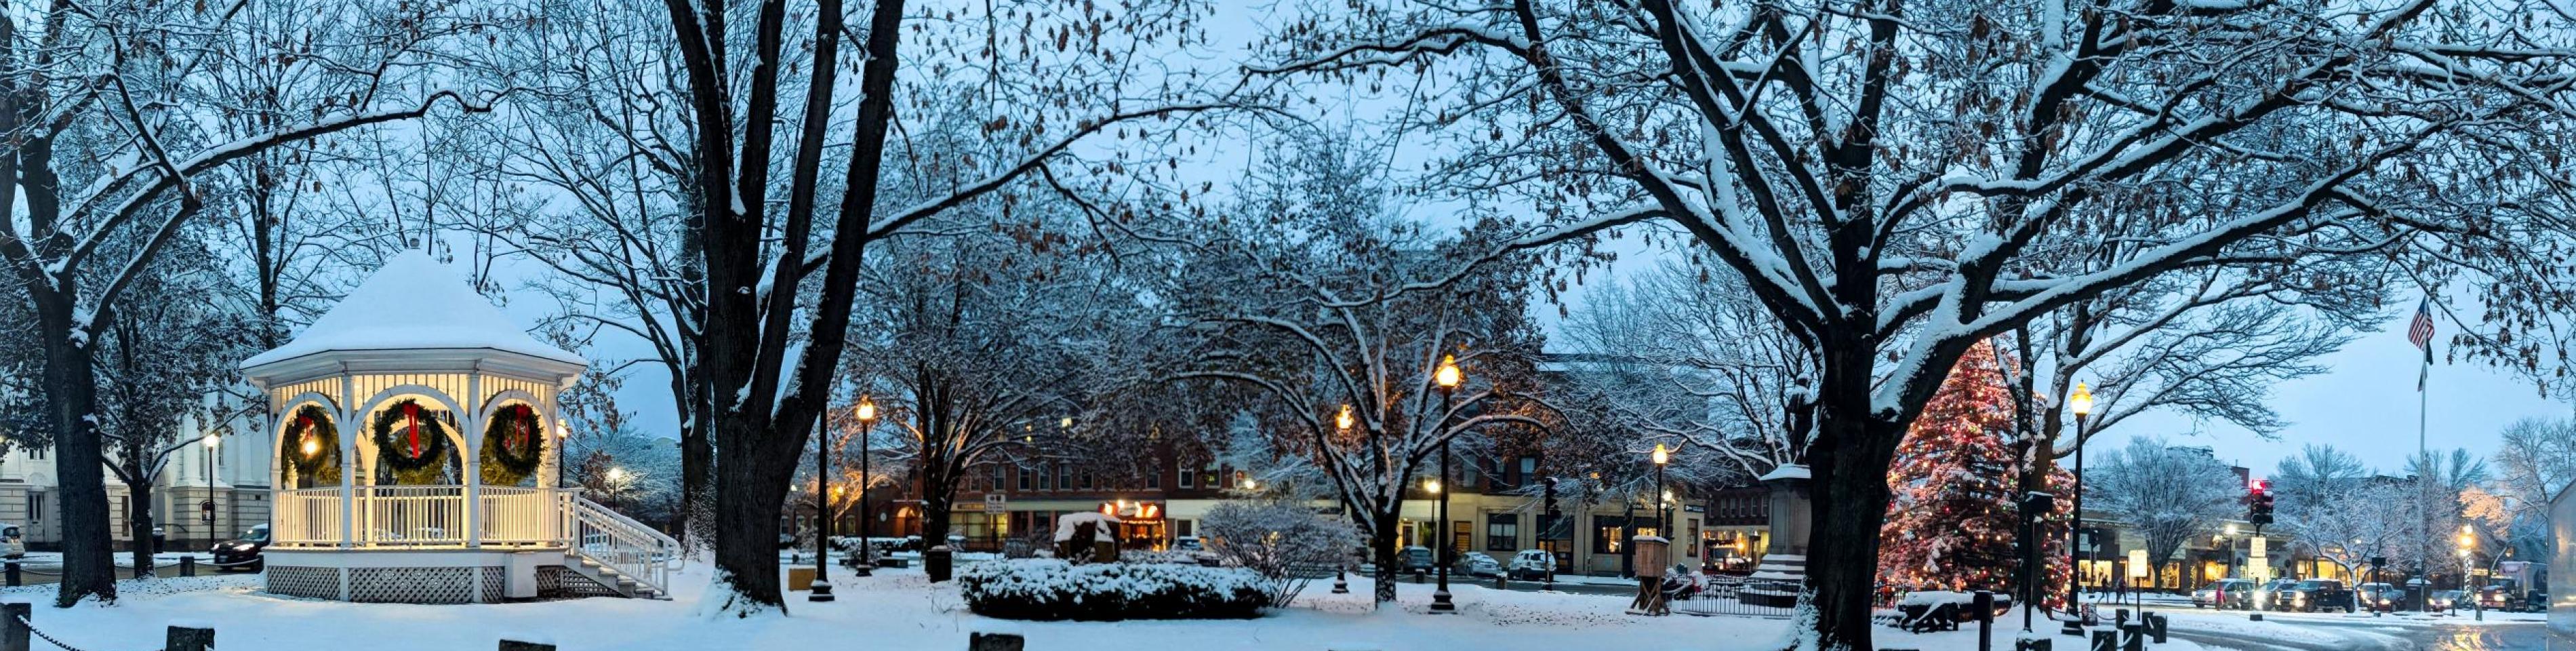 snowy downtown Keene